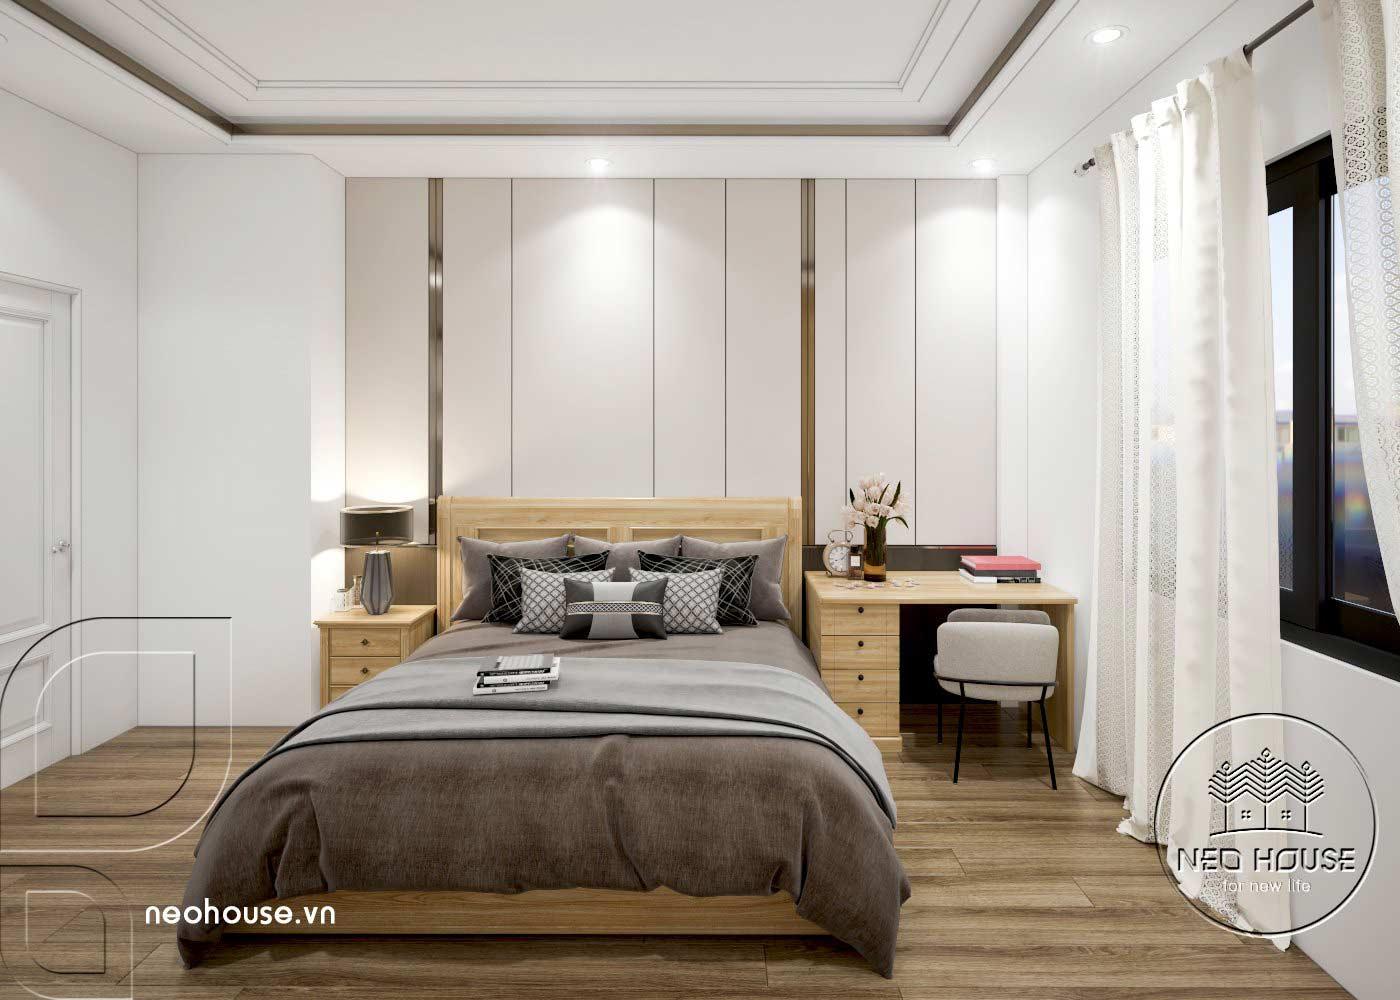 Thiết kế thi công cải tạo nhà phố 3 tầng với không gian nội thất phòng ngủ 03. Ảnh 1